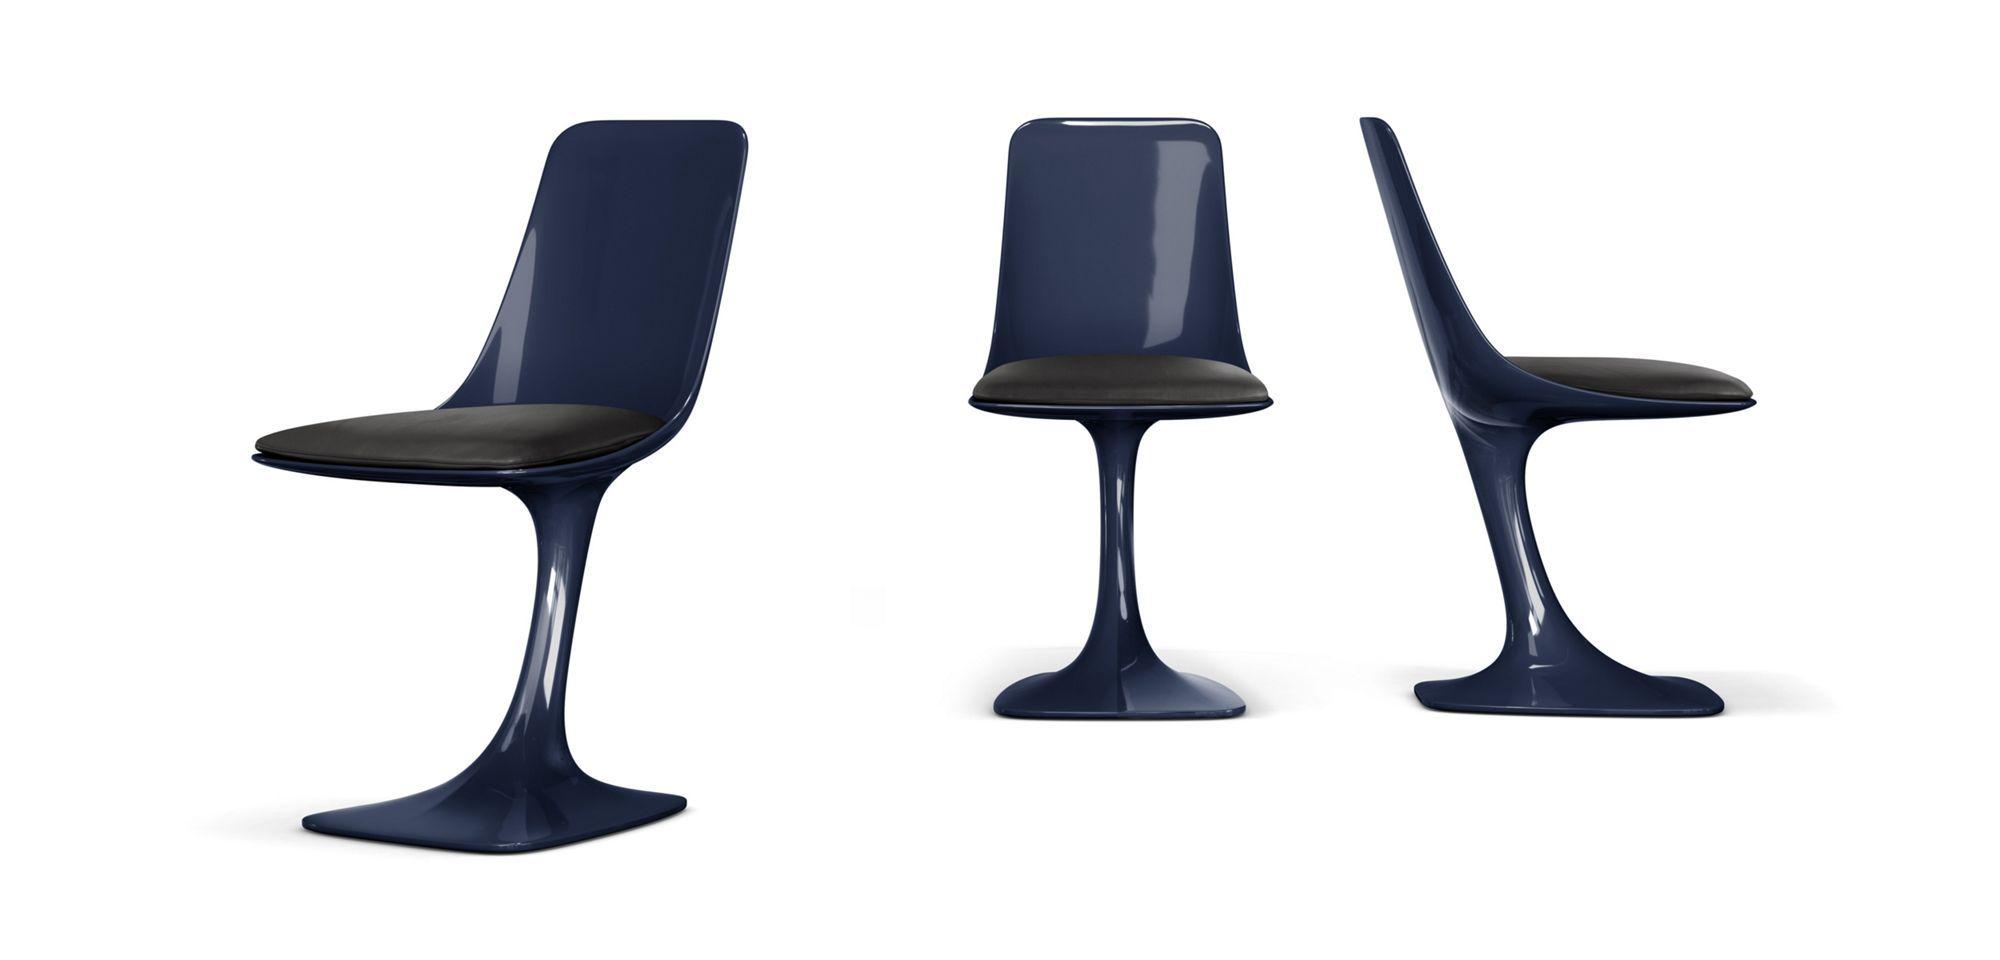 Arum chair roche bobois chair bar stools stool